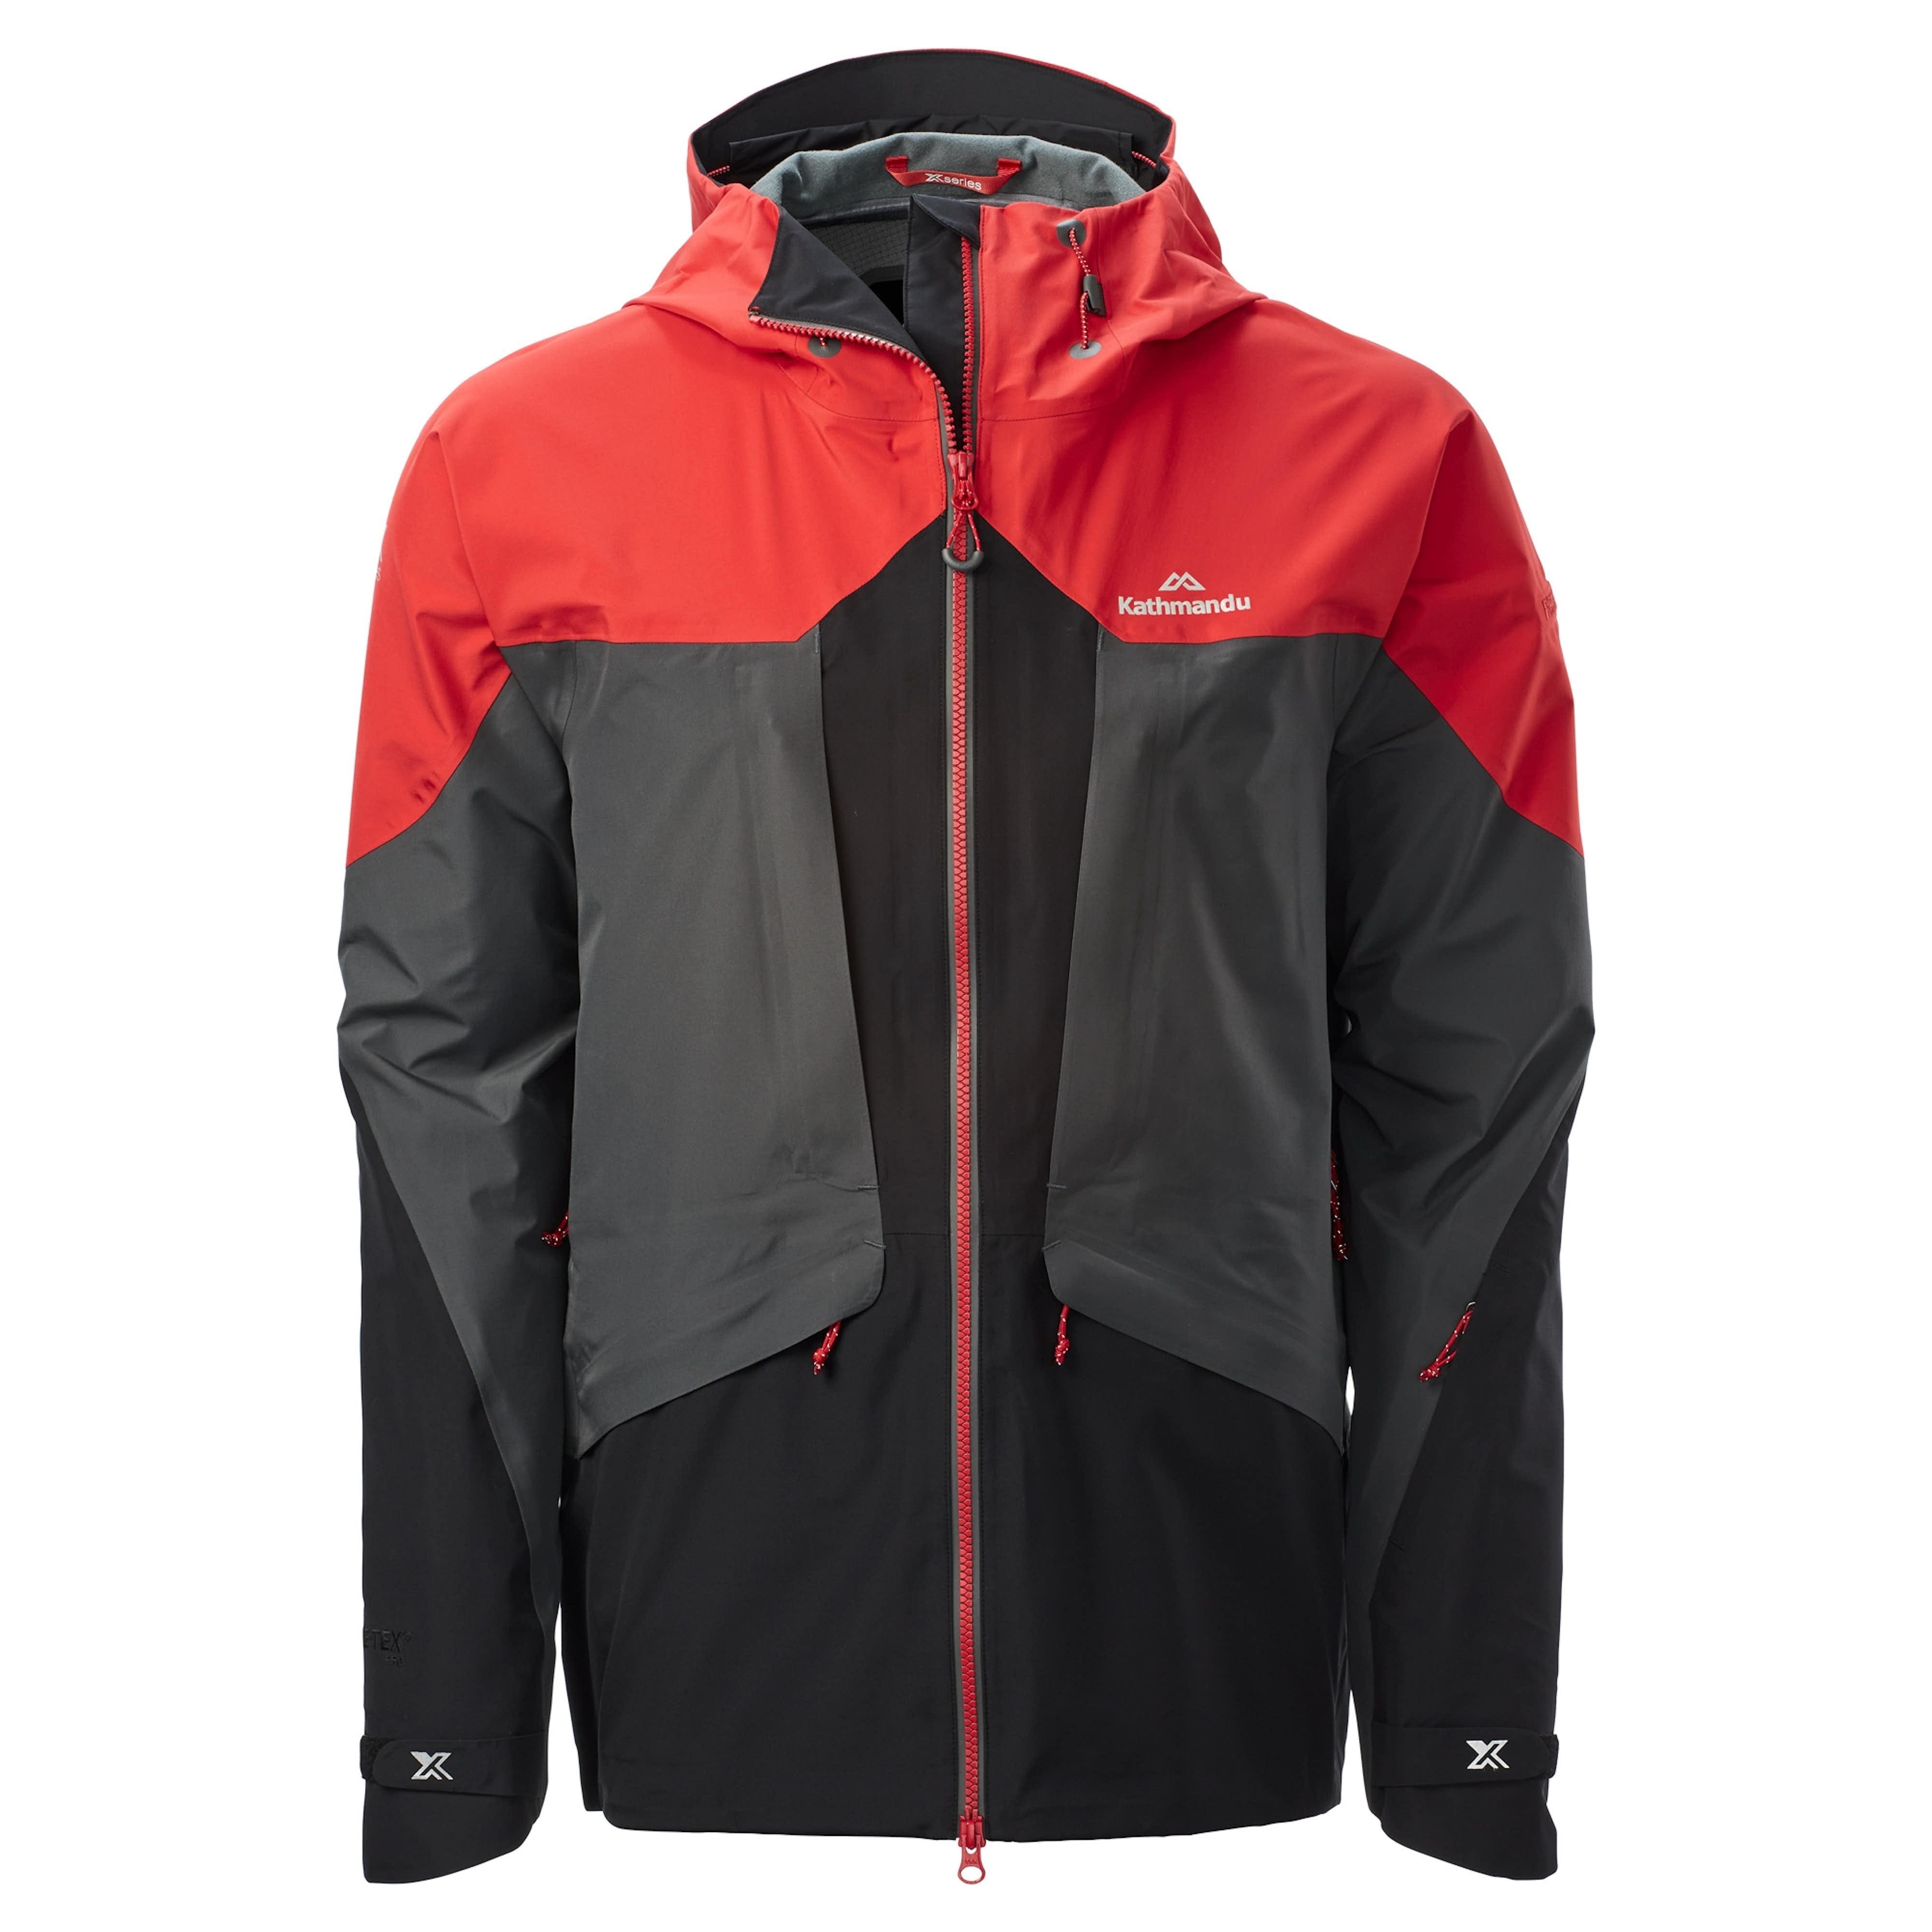 d2802a32df5b XT Alopex Men s RECCO GORE-TEX® Jacket v4